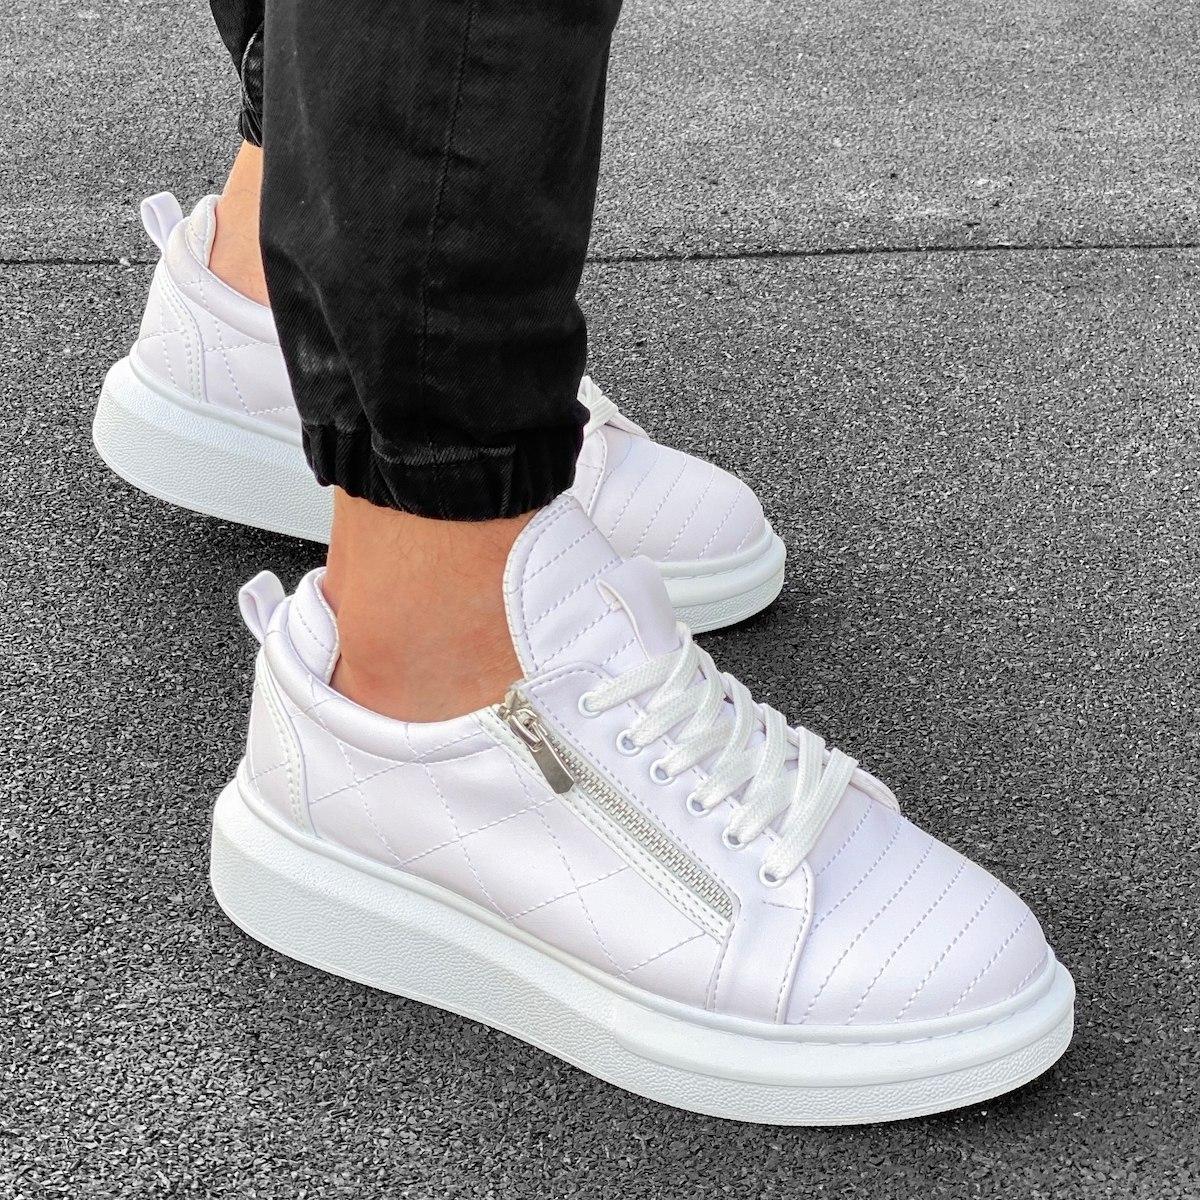 Herren Sneakers Schuhe mit Reißverschluss und Naht in weiß